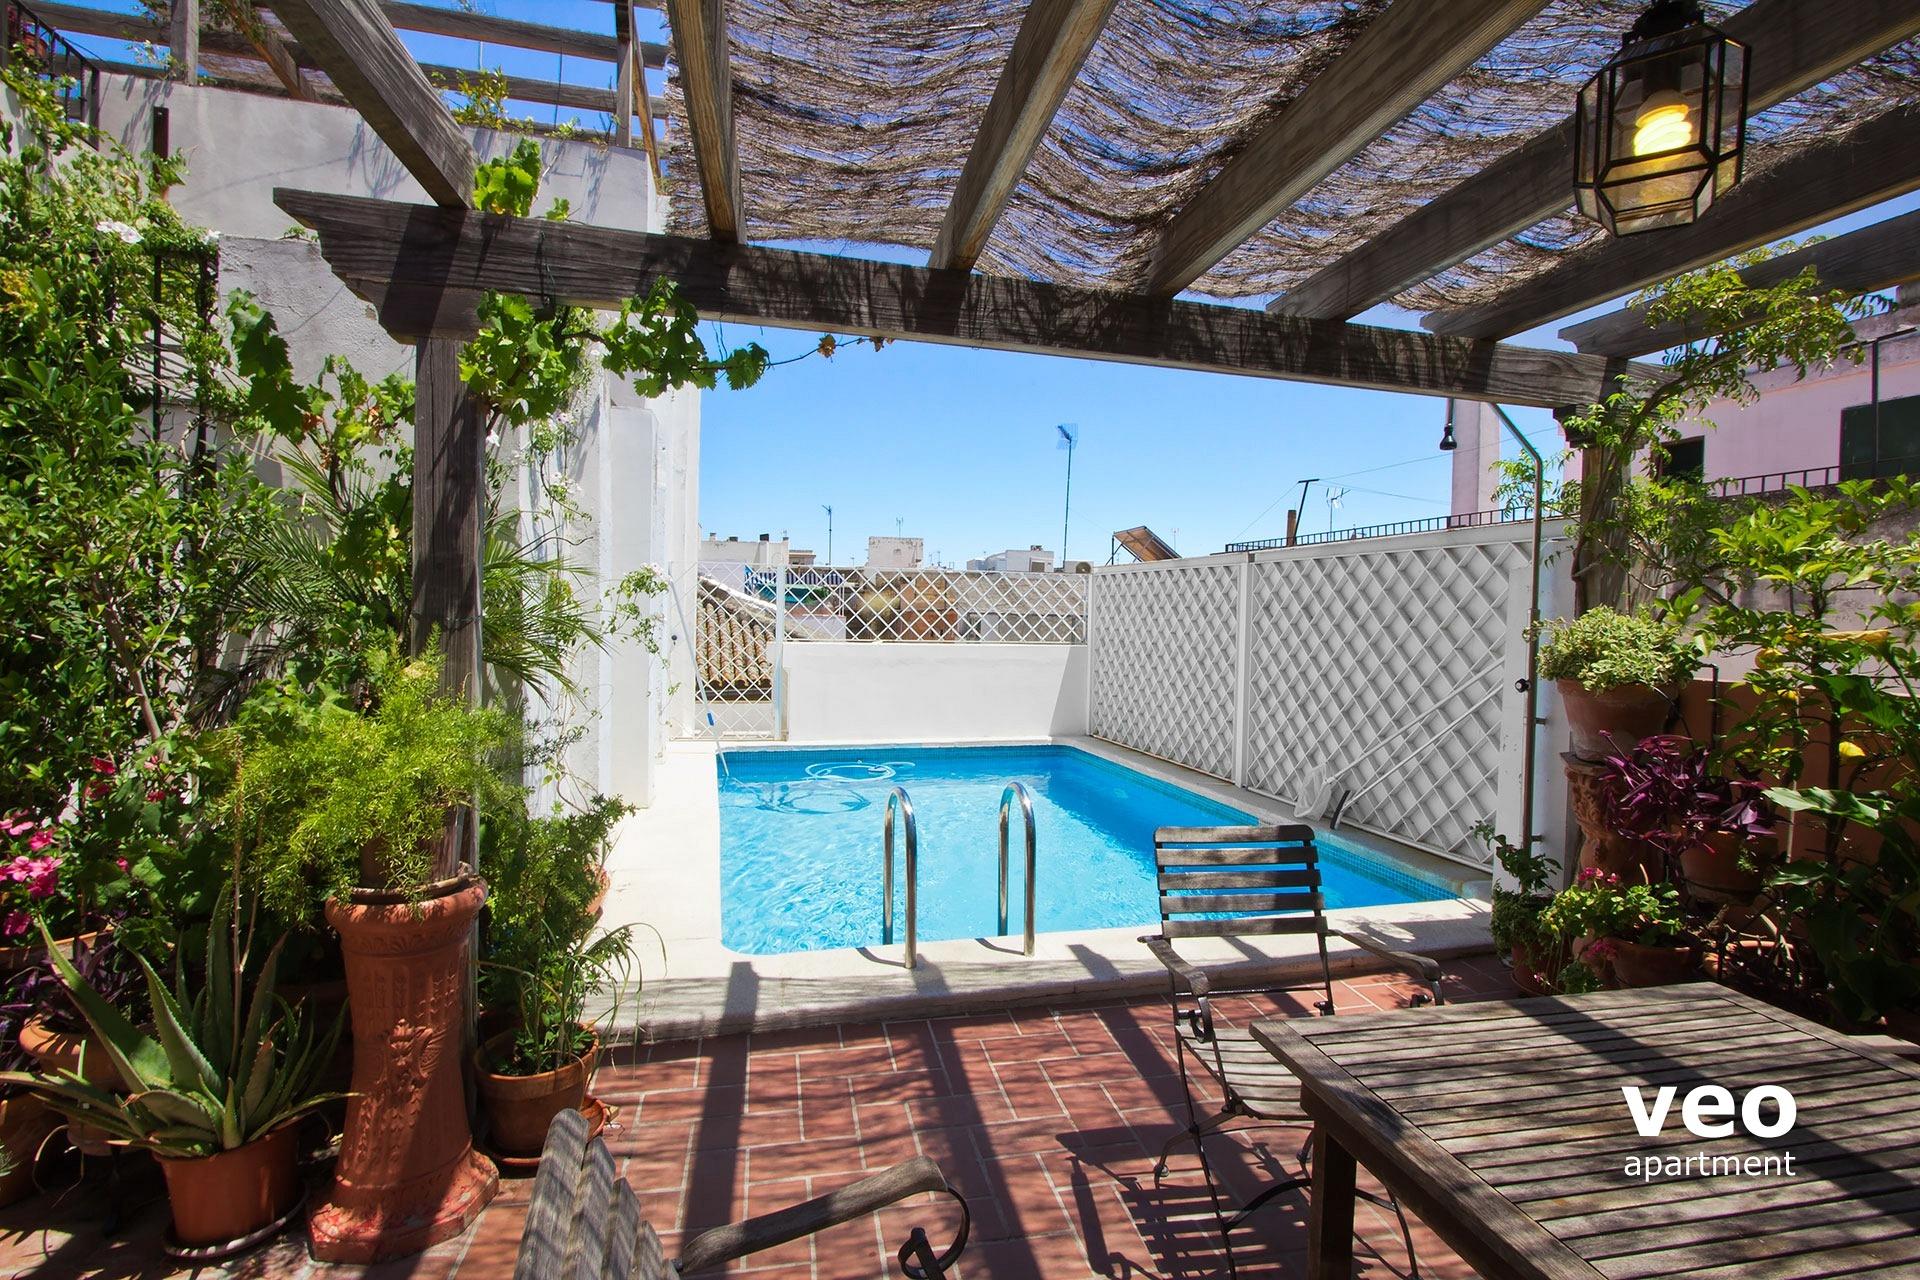 Miguel Terrace tout Hotel Seville Piscine